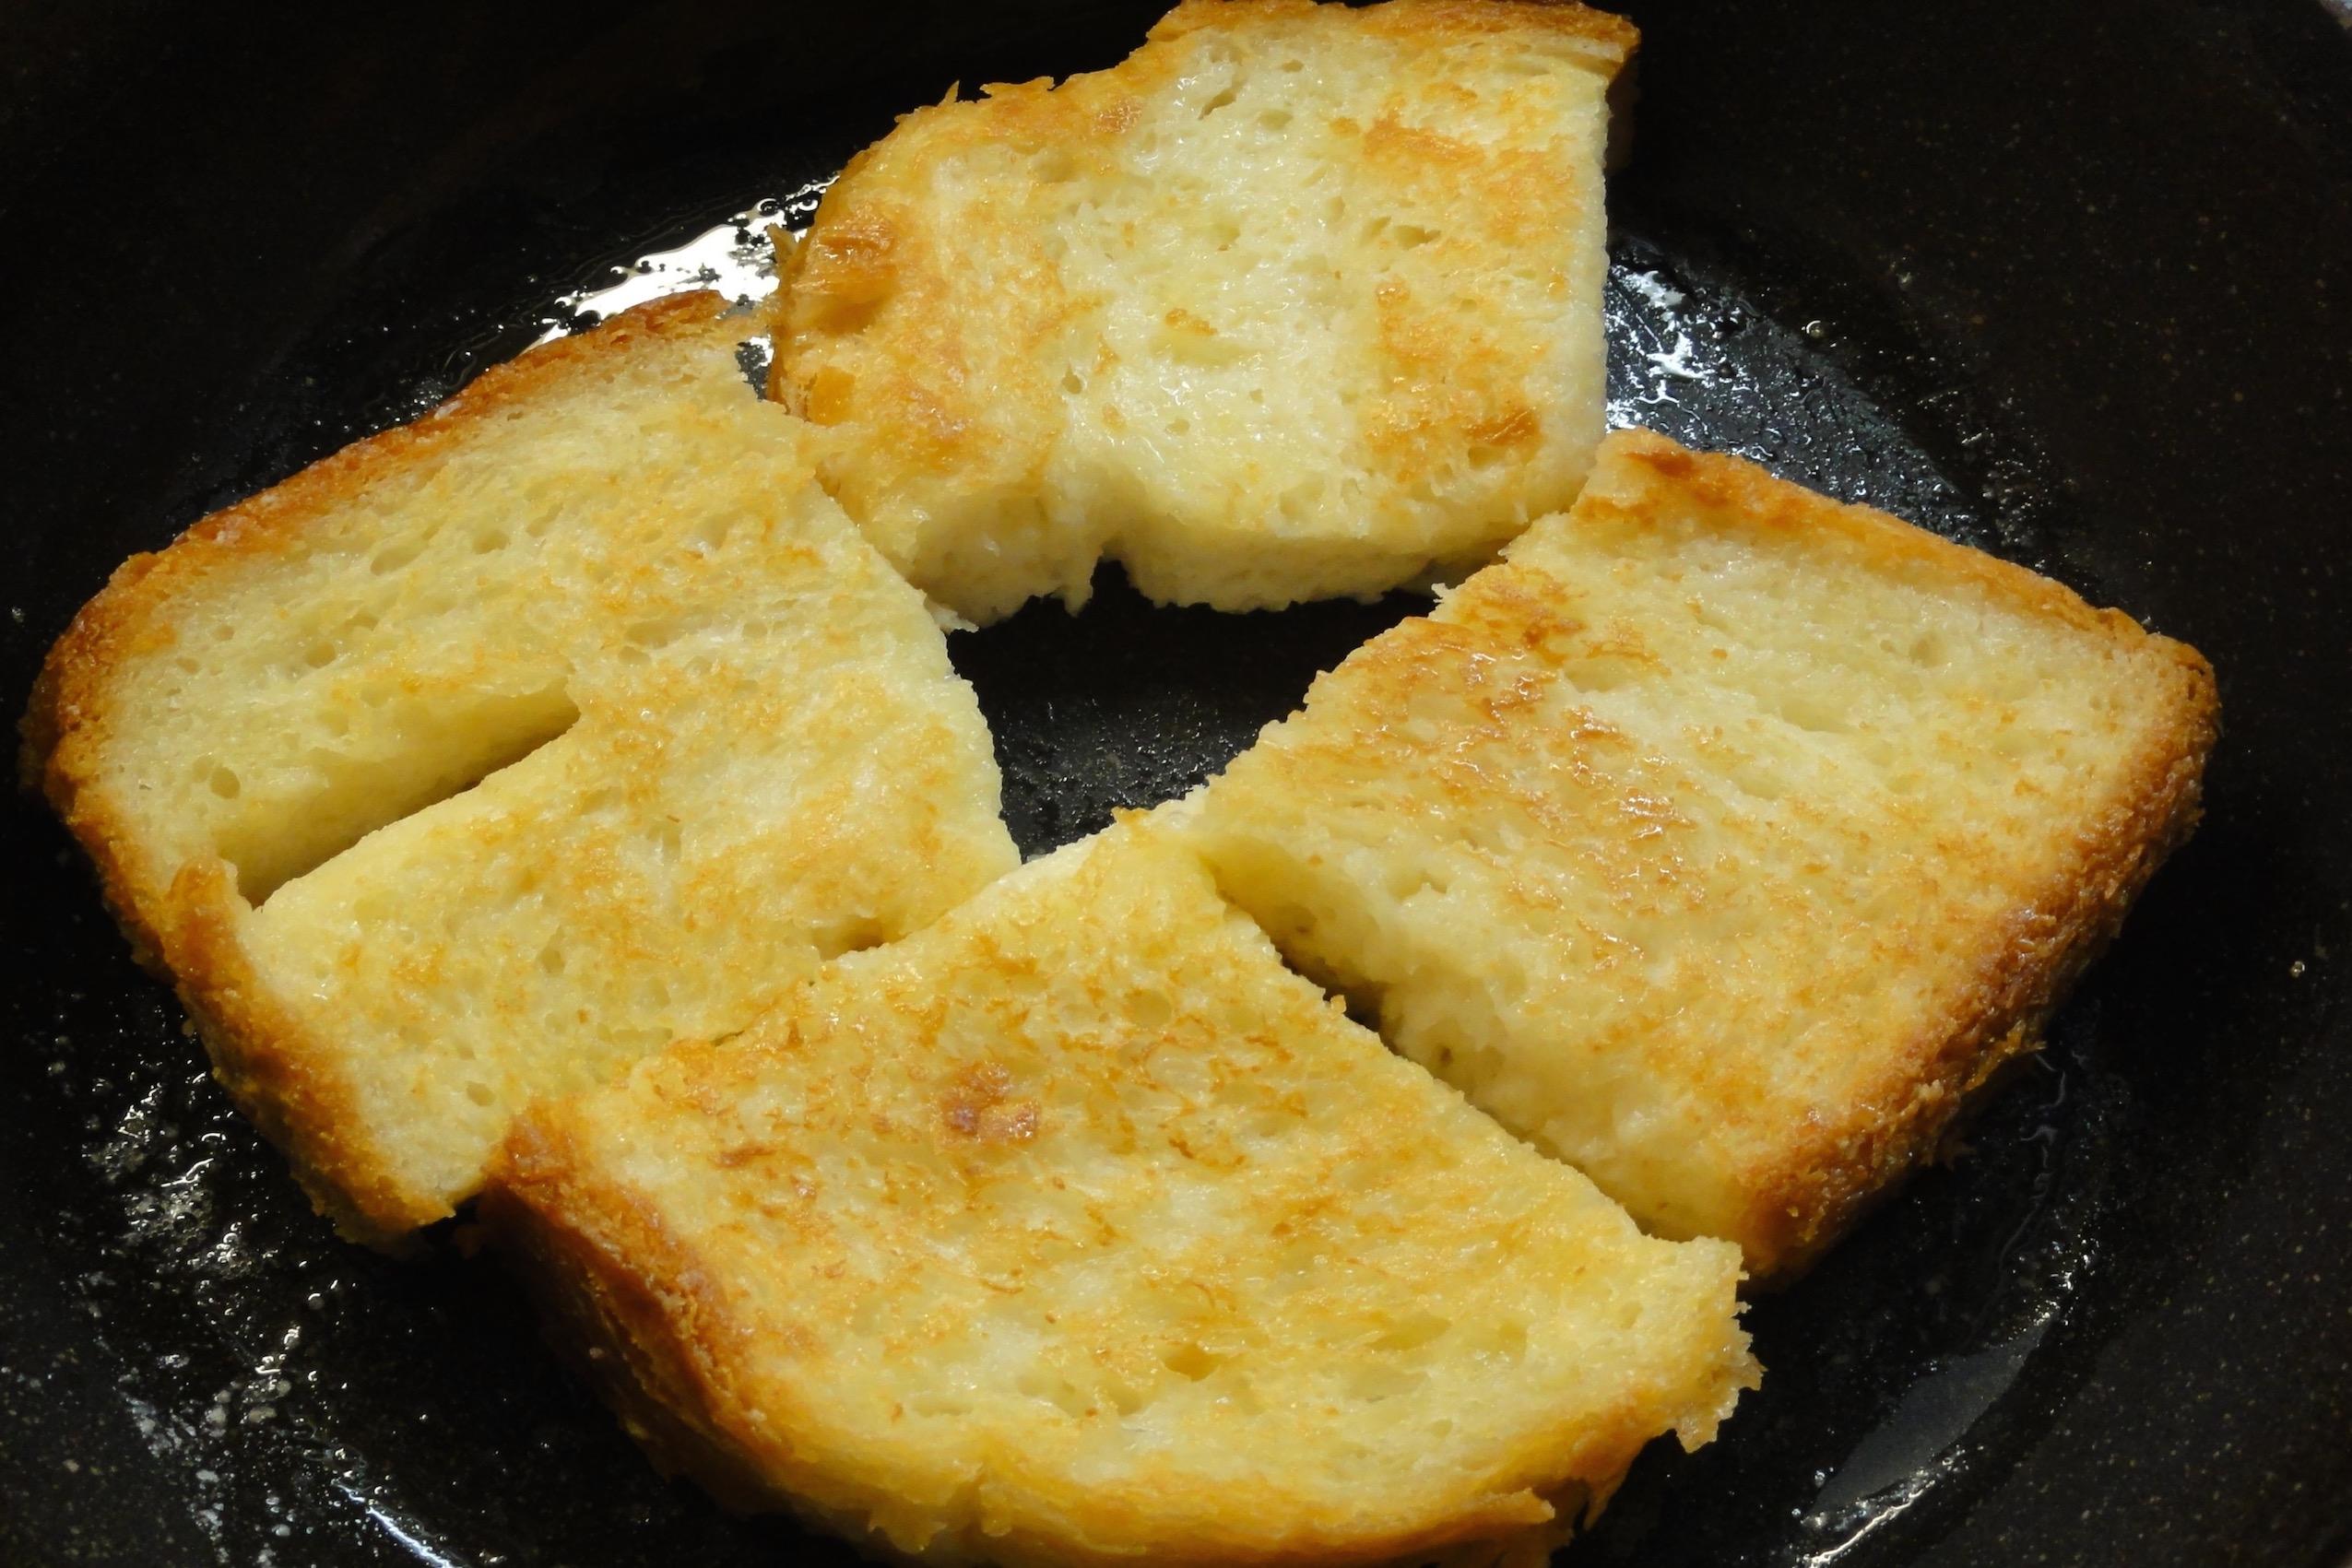 米粉フレンチトーストをフライパンで焼く